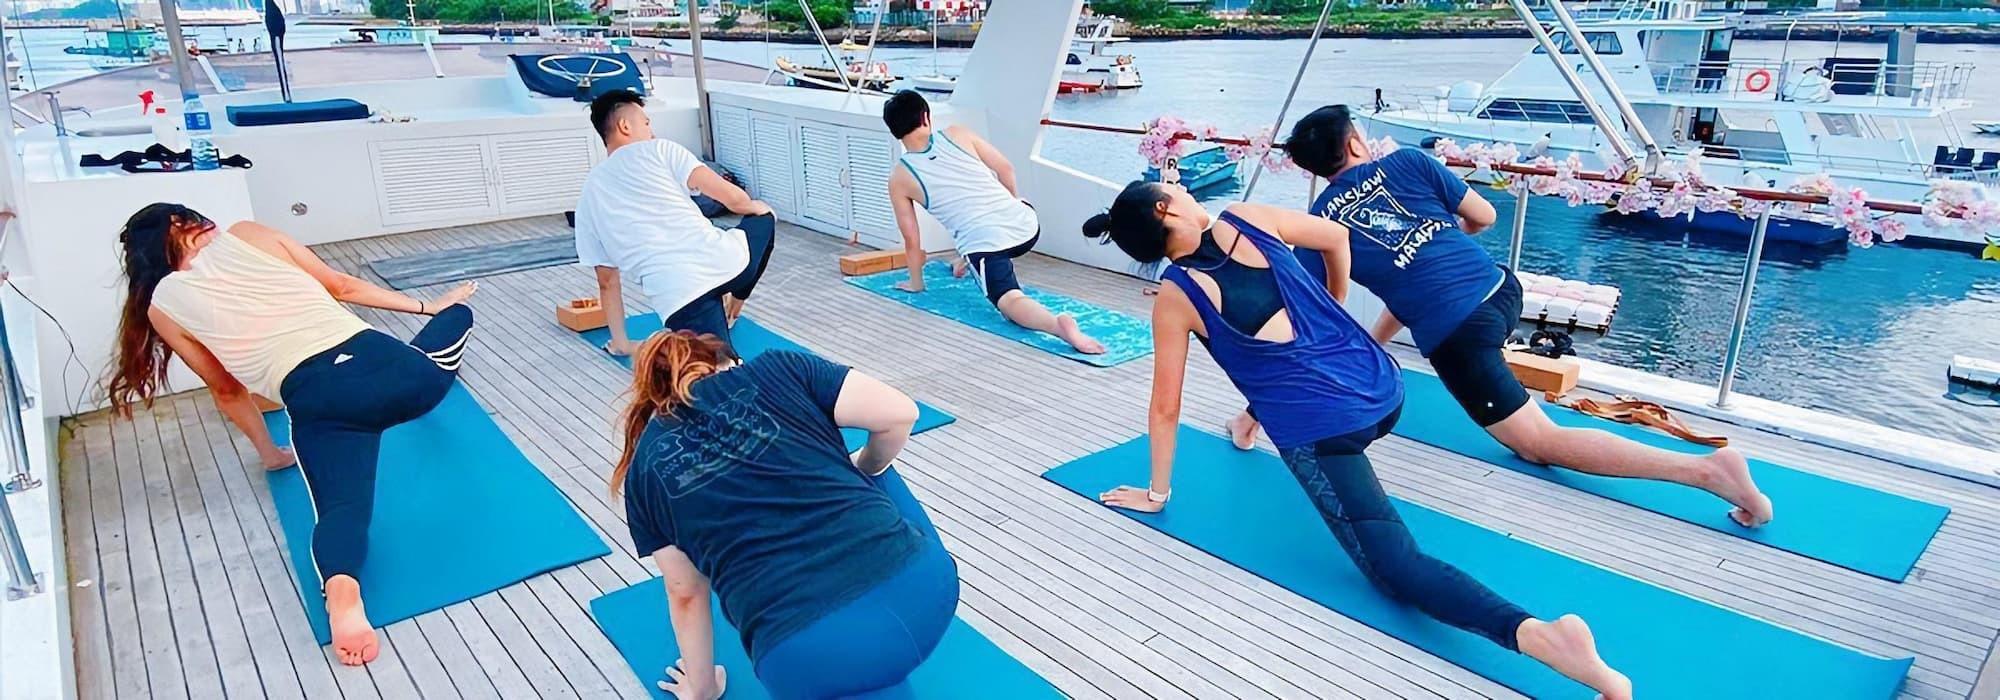 小瑜船|海上瑜伽新體驗|出海、租船、船河公司推薦